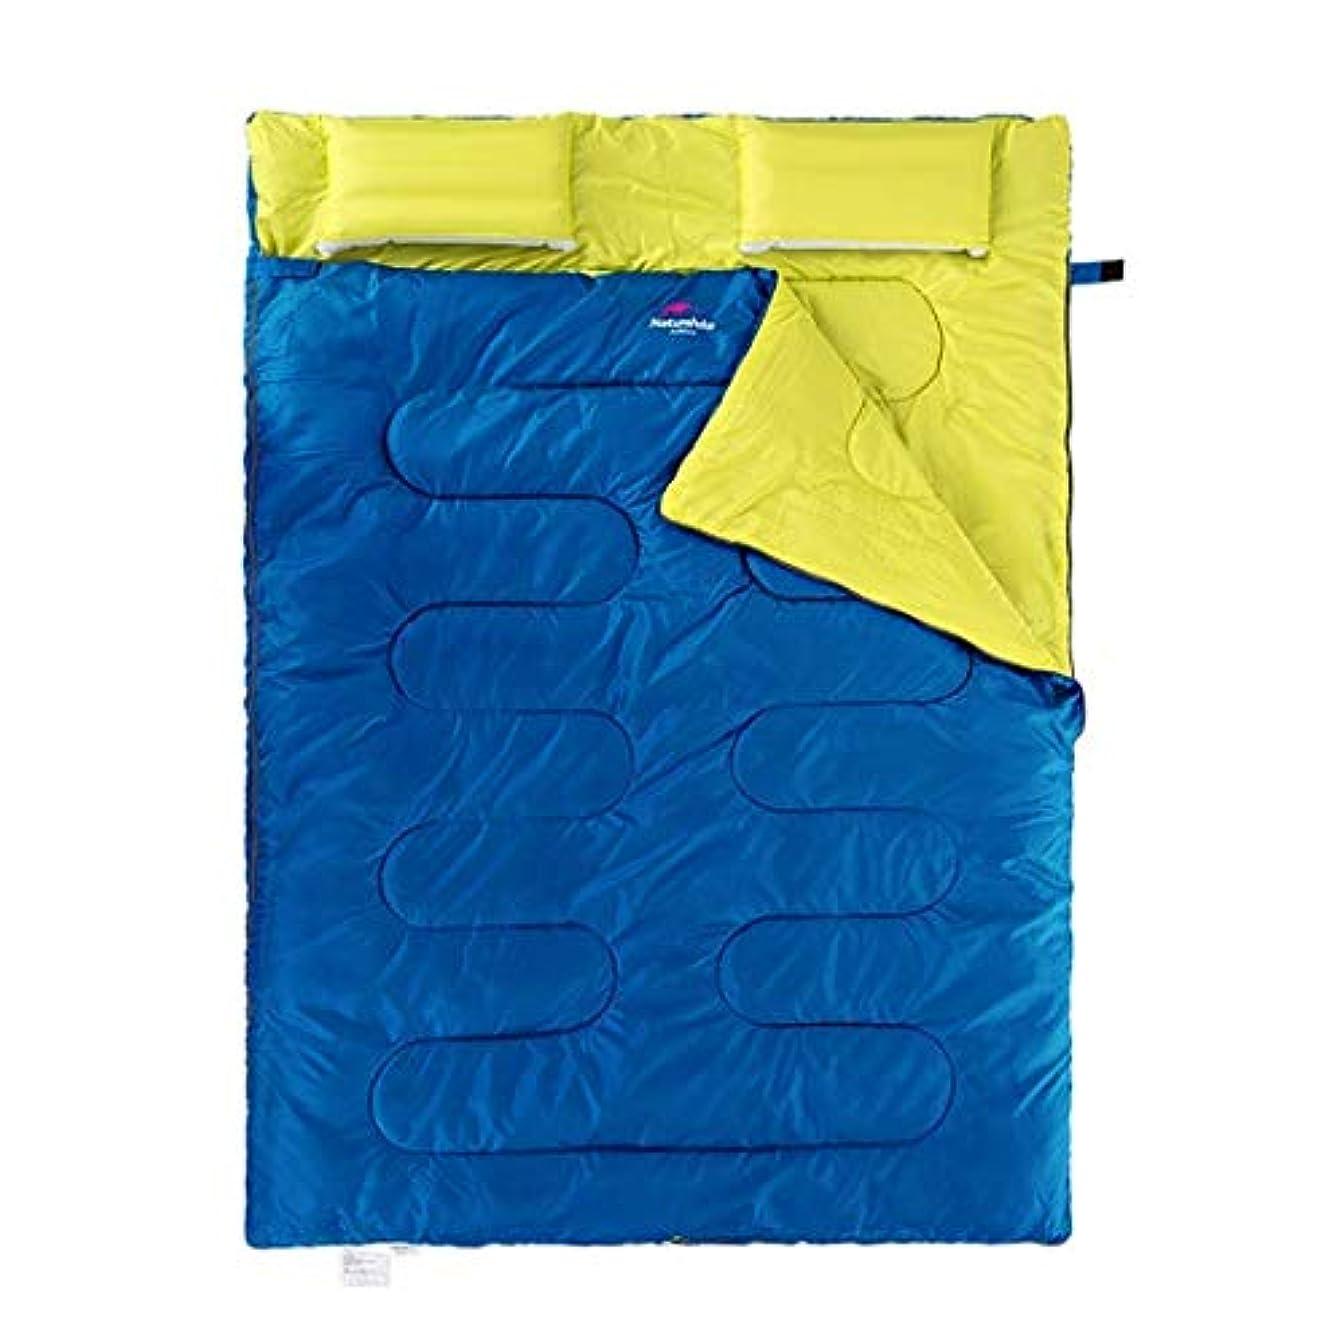 新年大脳爪カップル大型封筒寝袋ダブルキャンプ軽量コンパクト暖かく快適な室内用スリーピングマット大人のハイキングバックパック登山野外活動